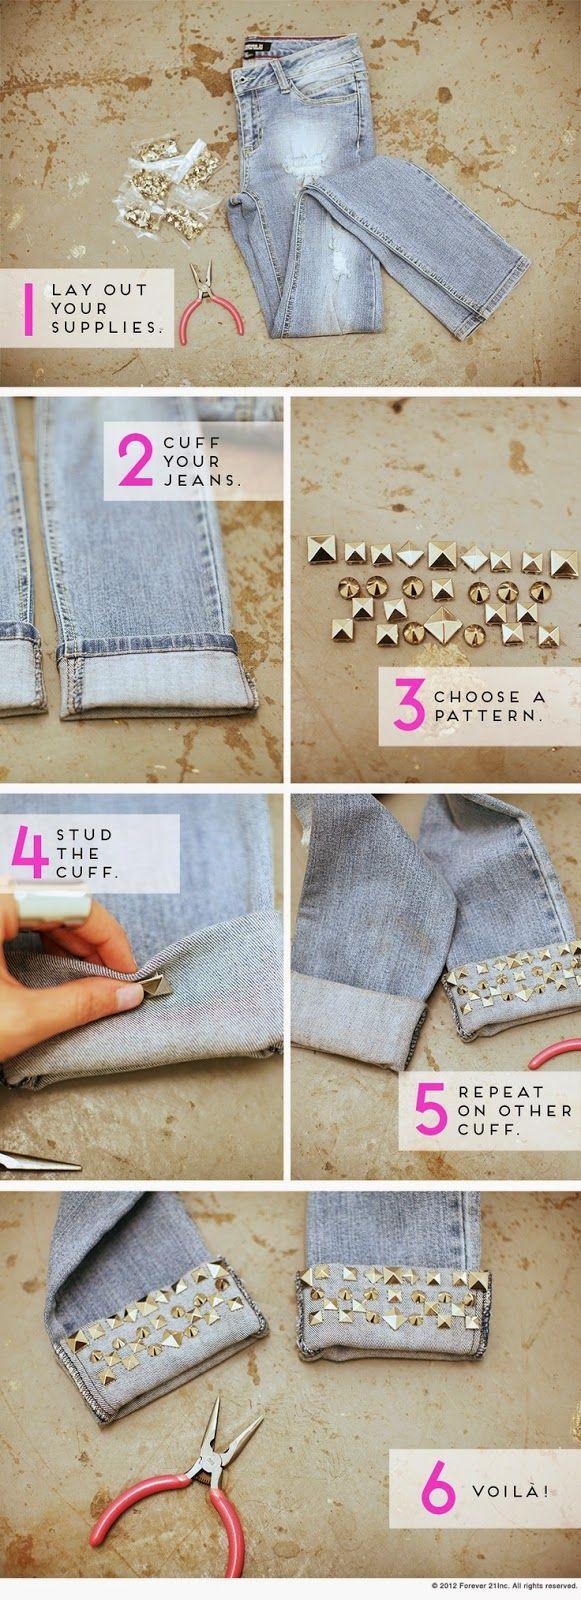 3 Great DIY Clothes/Fashion Ideas